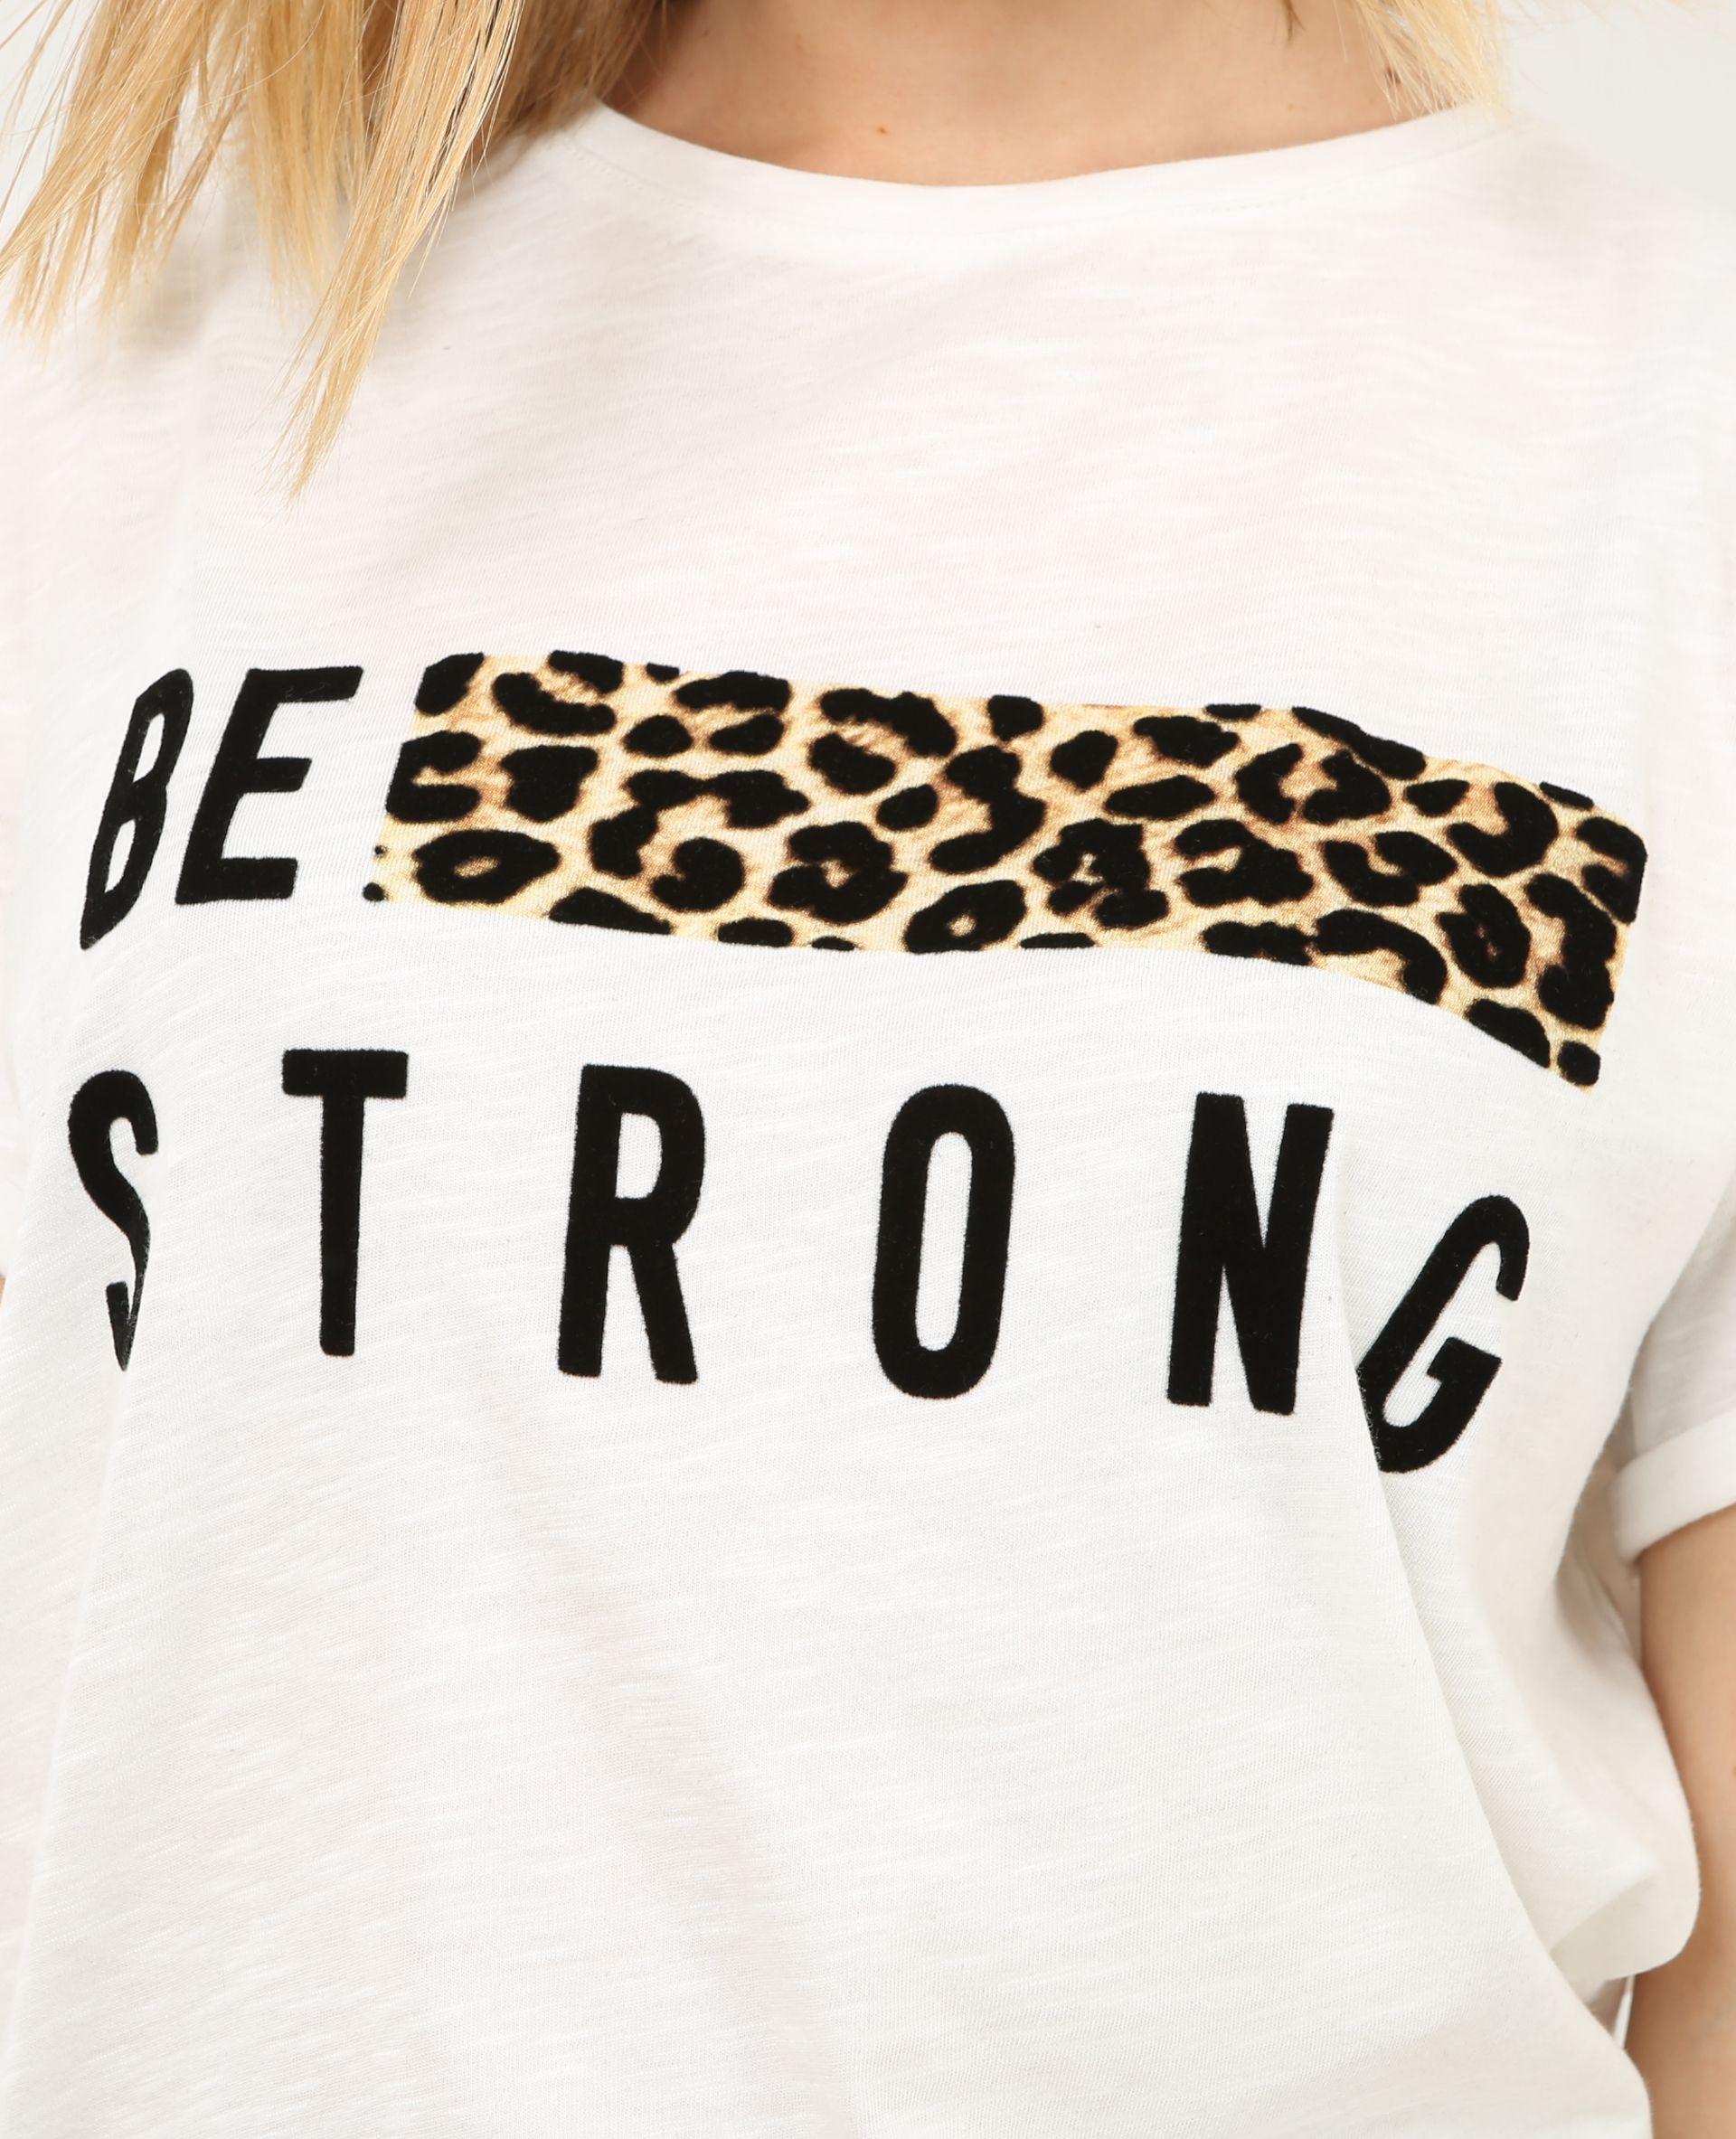 bcfb9df5e15c4 Camiseta con banda de leopardo blanco